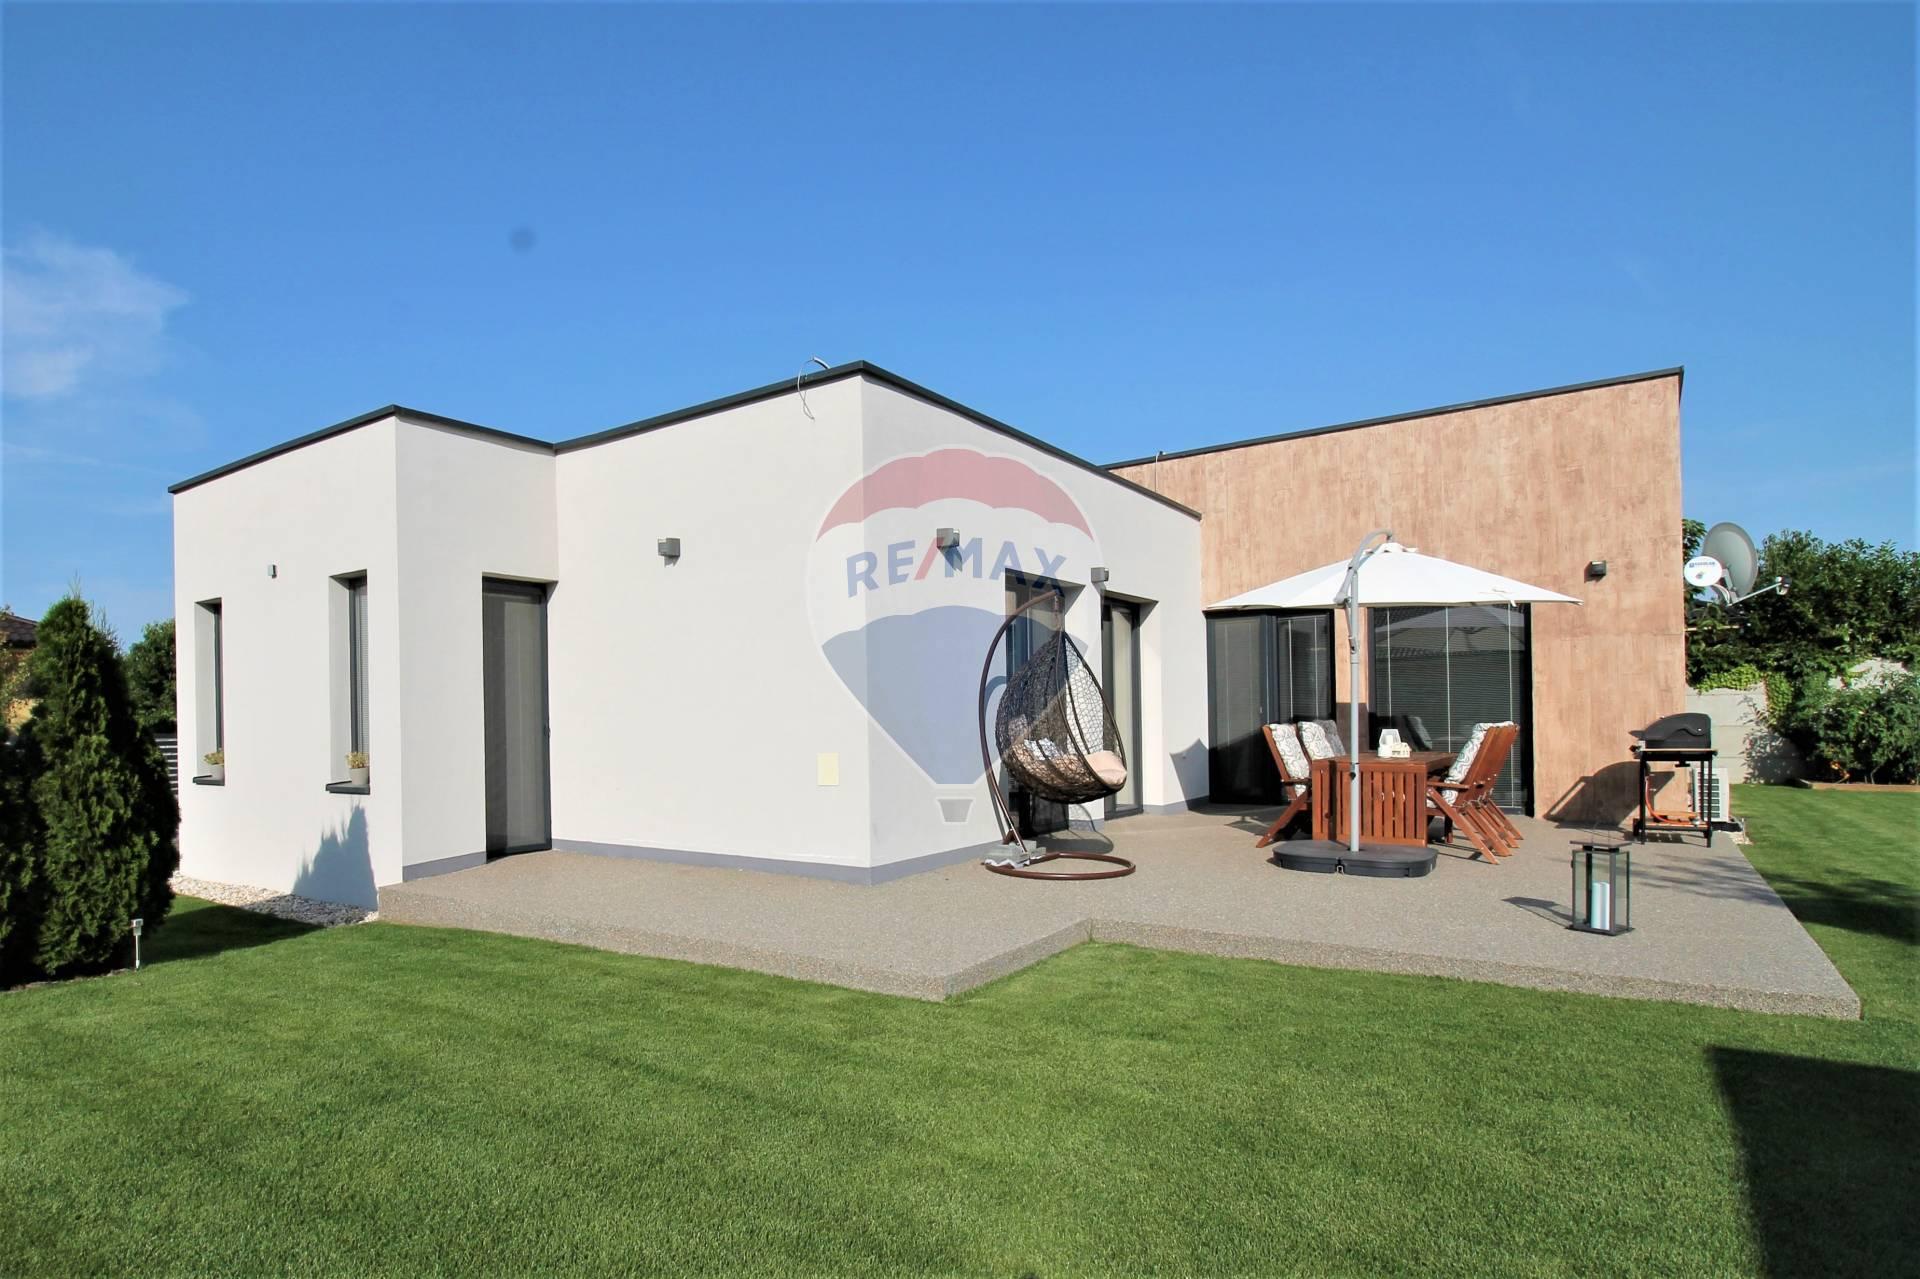 Predaj 4 izb. samostatného rodinného domu, novostavba, Senec - Hrubý Šúr